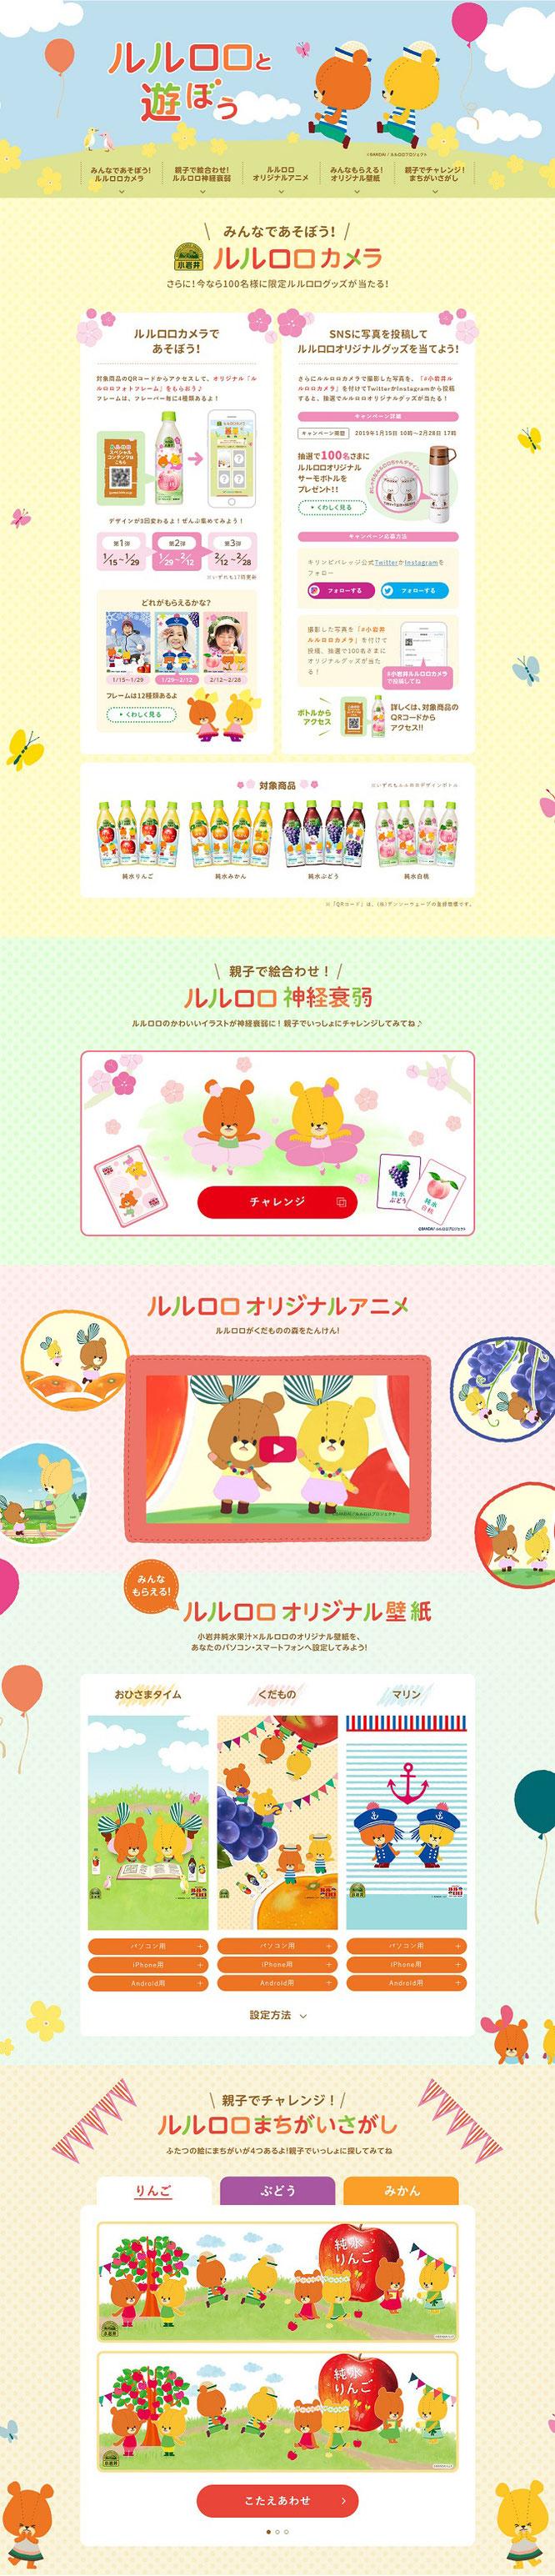 【キリン】小岩井 ルルロロと遊ぼう!ルルロロカメラ